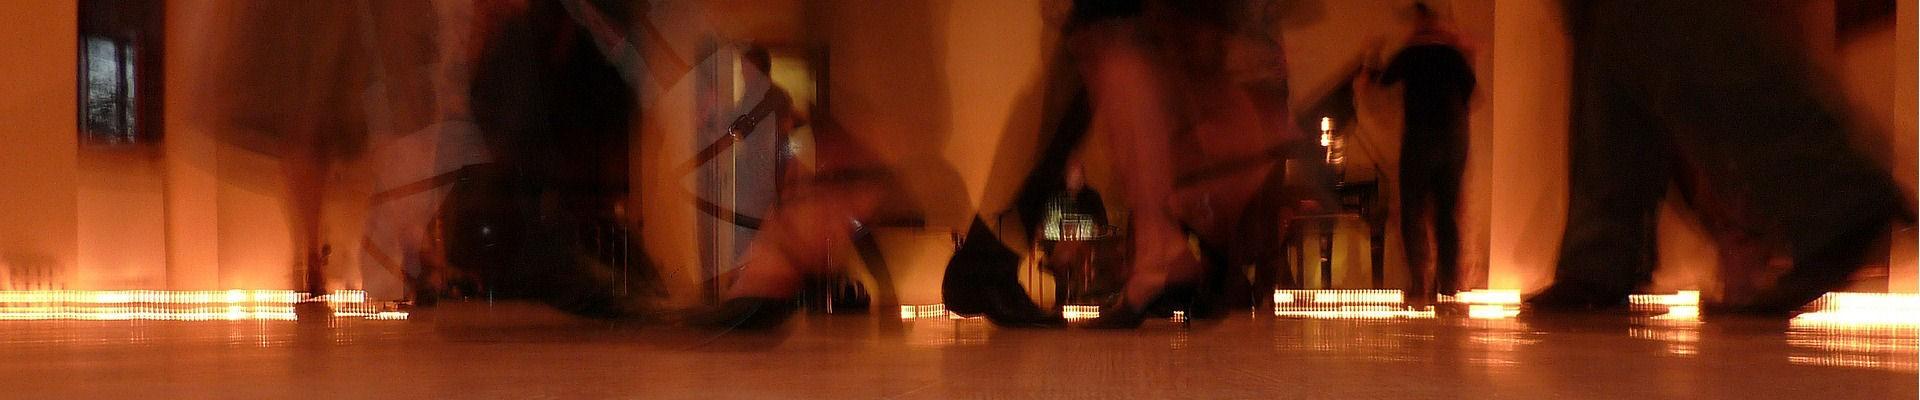 dance-378219-1920-784